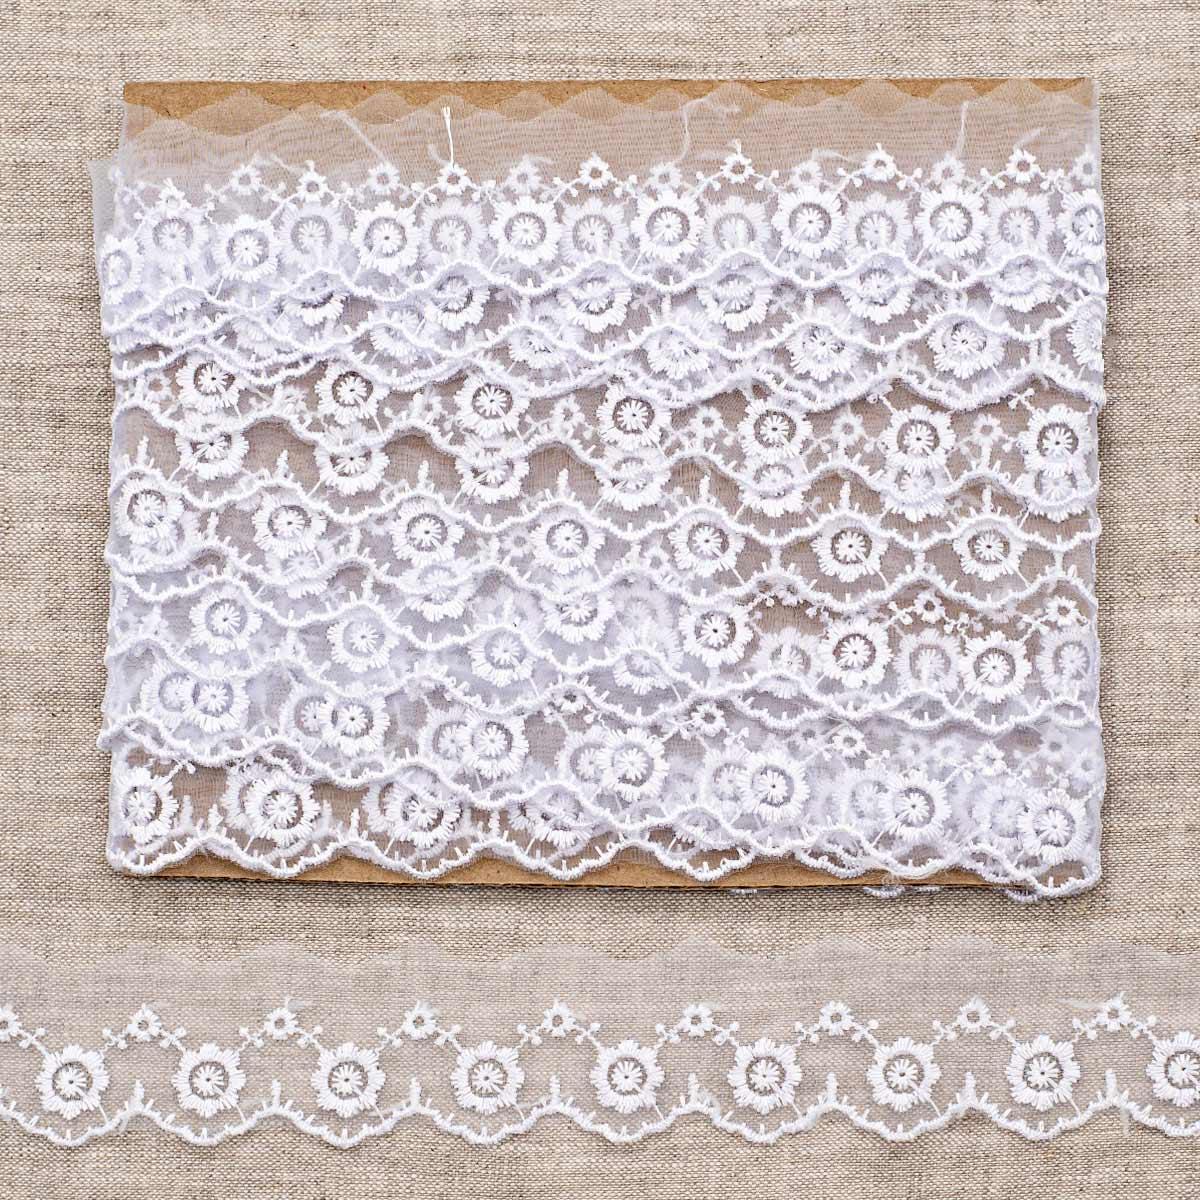 Кружево капрон 3,6см*6,8 м (+/- 4 см) 0574-1019, белый